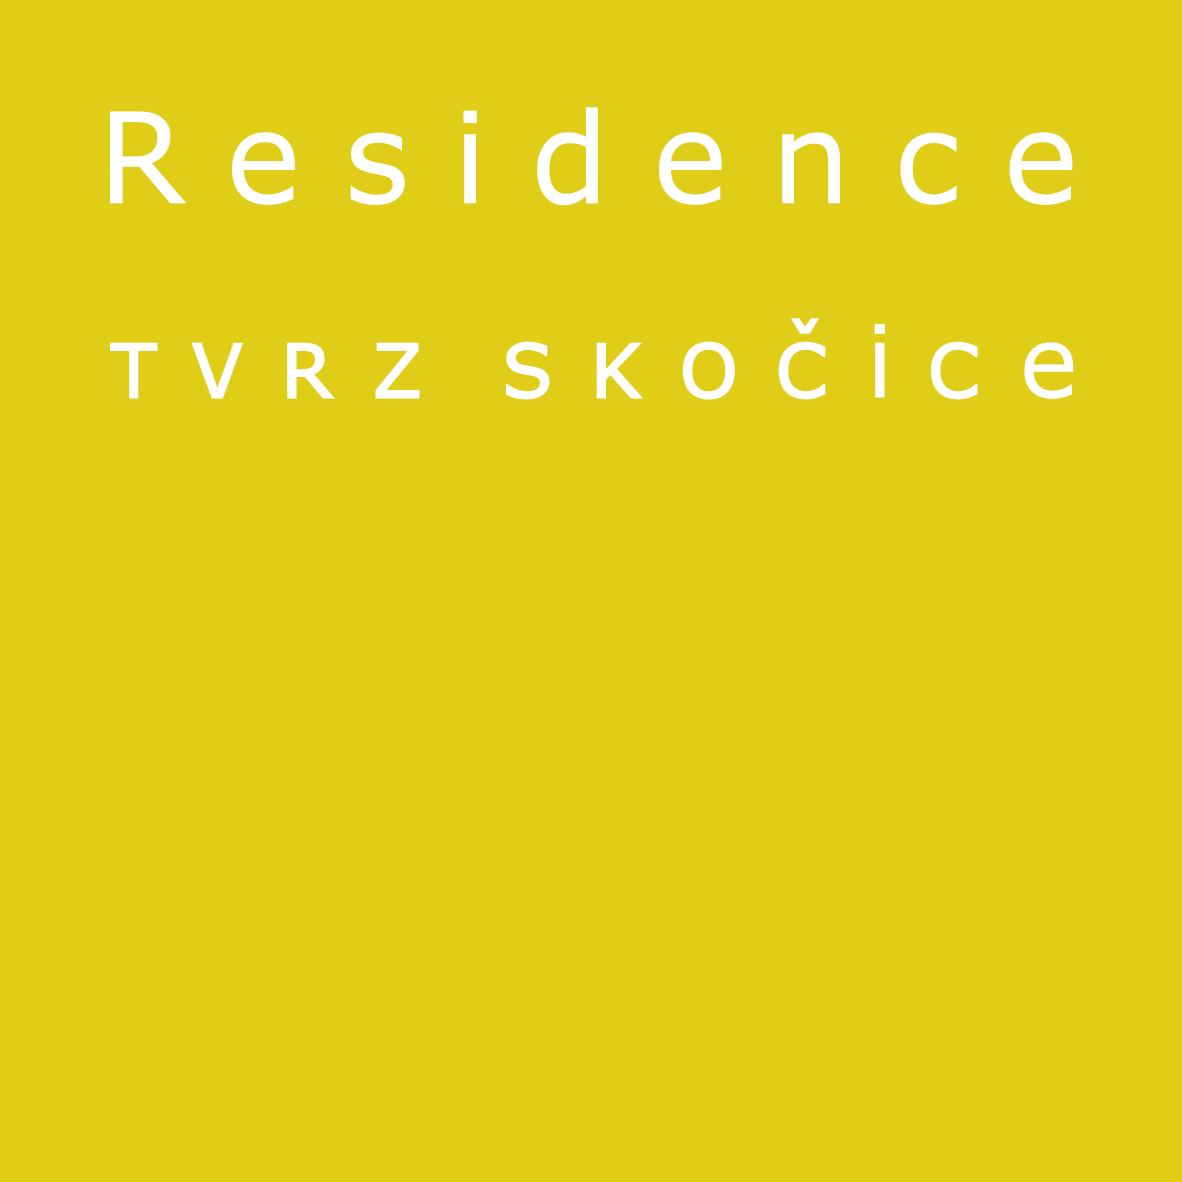 Residence Tvrz Skočice